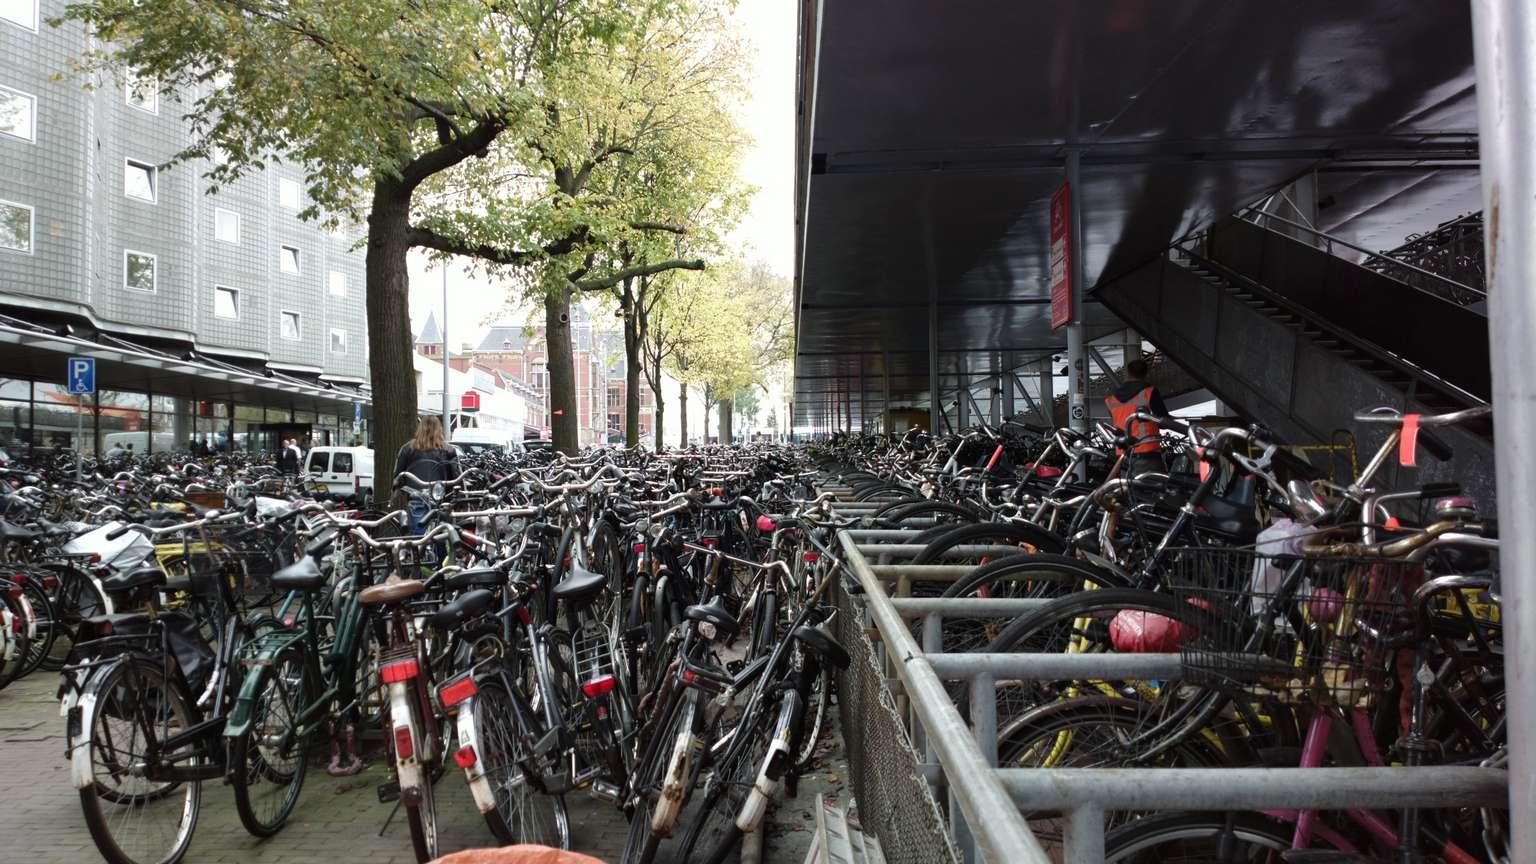 Ürünler Siyah Bir: bisiklet. Sahiplerin genel bakış, özellikler ve yorumlar